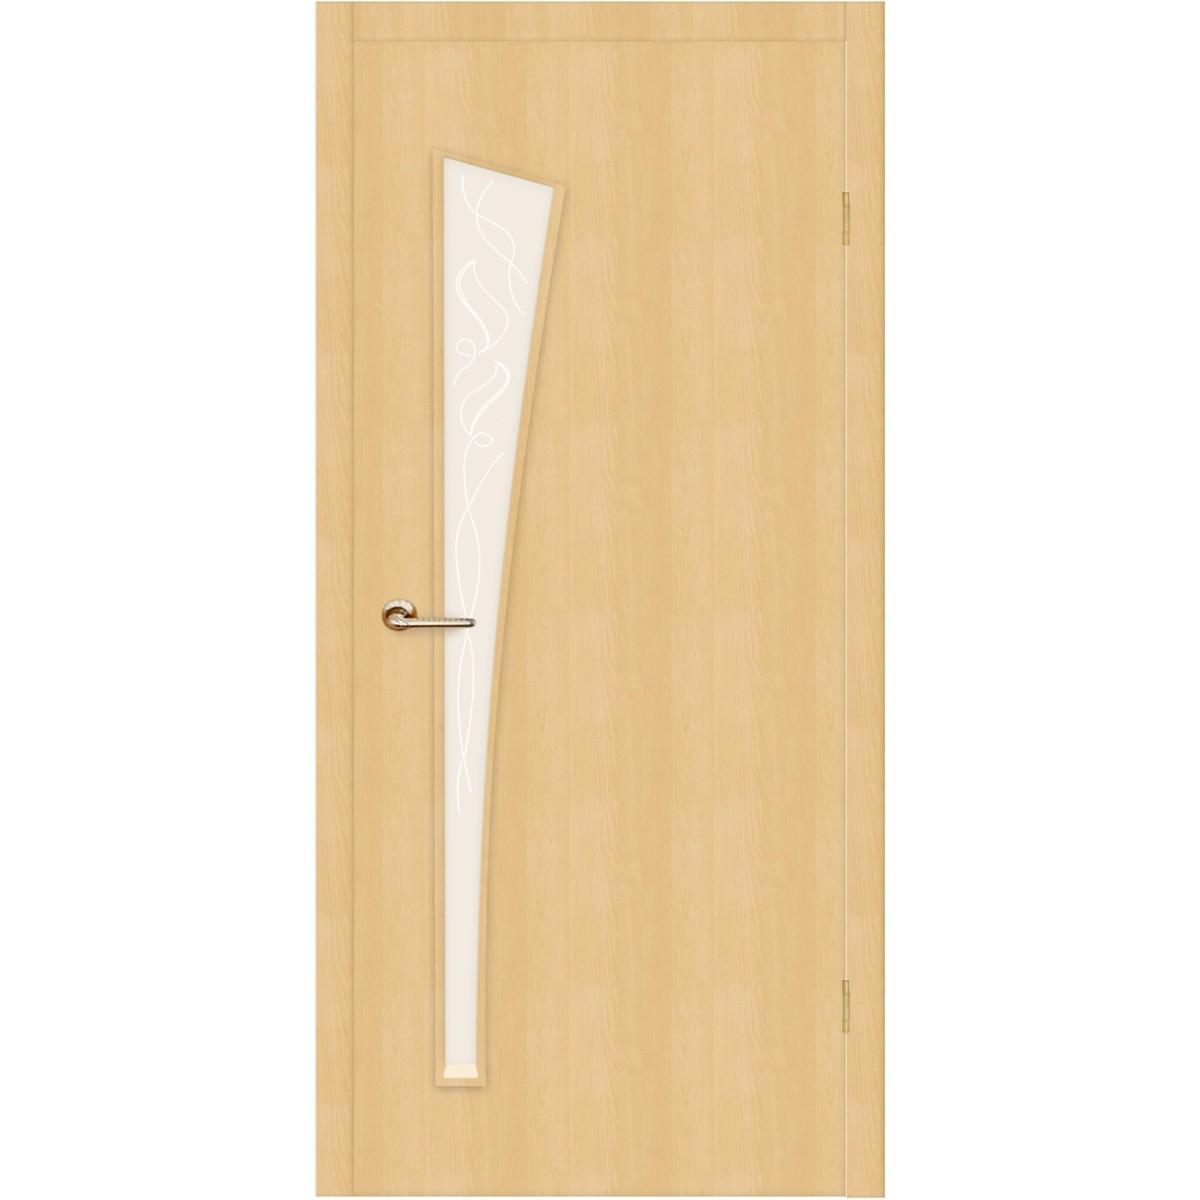 Дверь Межкомнатная Остеклённая Belleza 70x200 Ламинация Цвет Дуб Белый